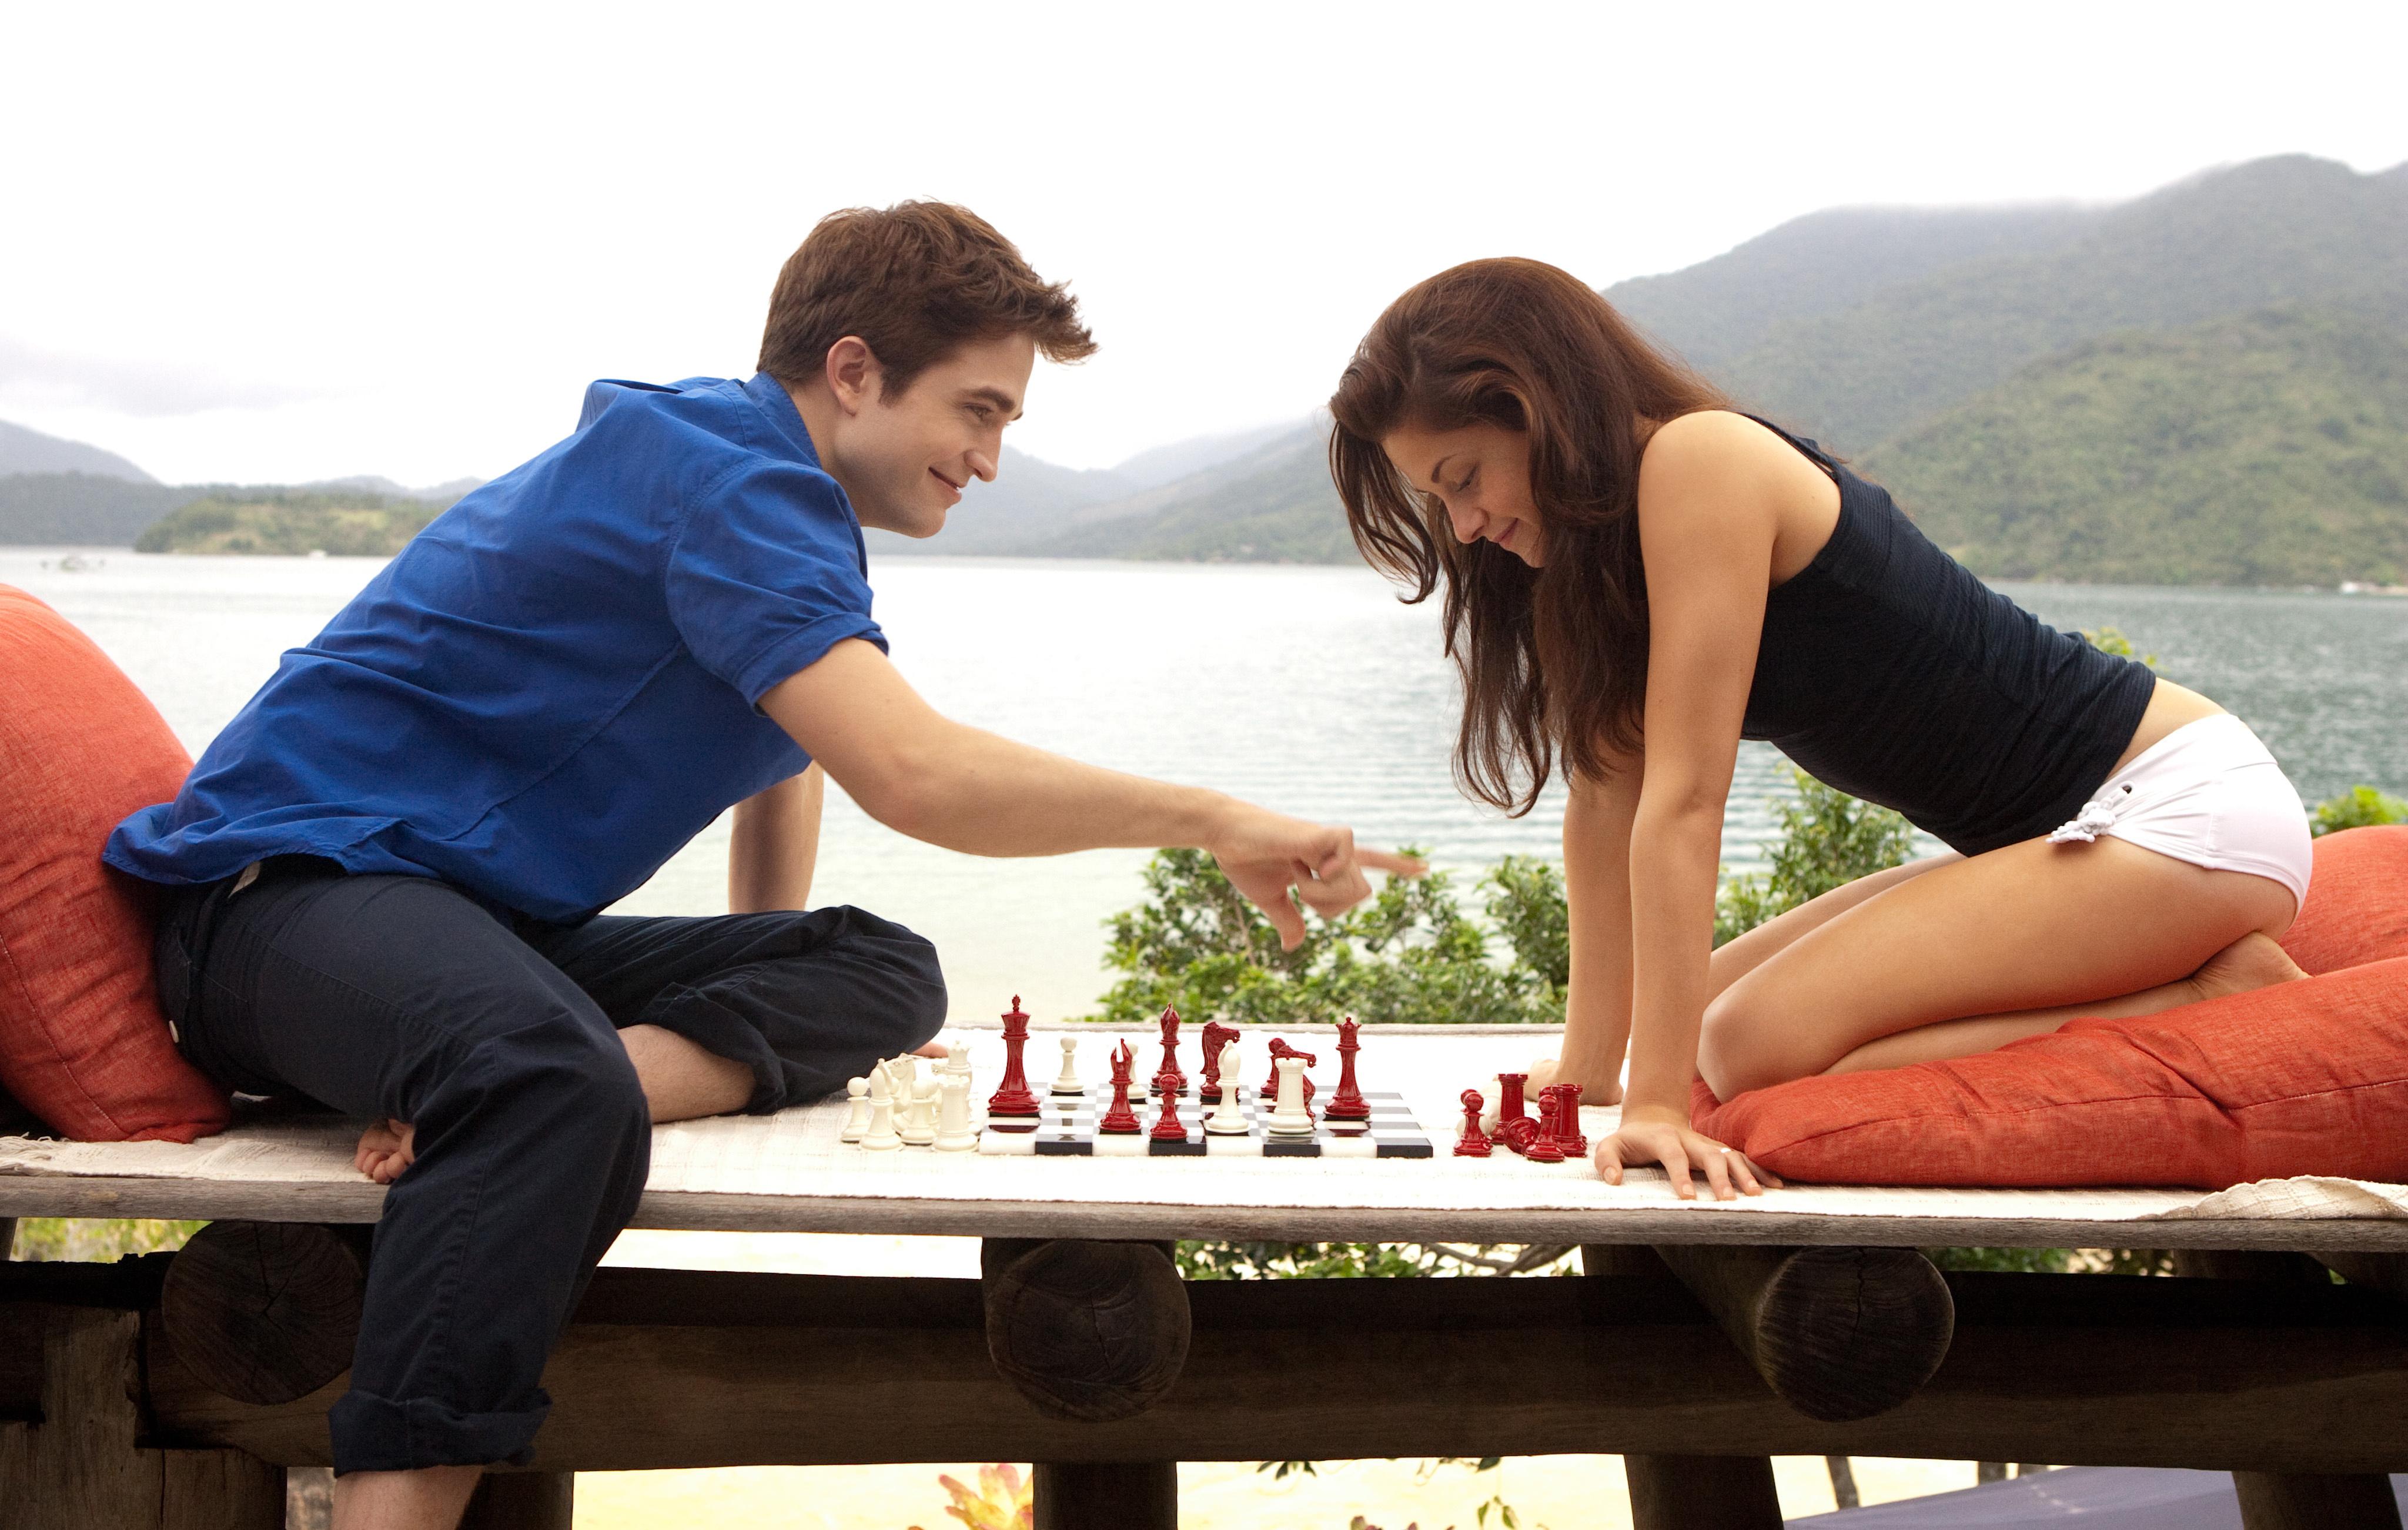 Bilder The Twilight Saga Kristen Stewart Robert Pattinson Filmer film